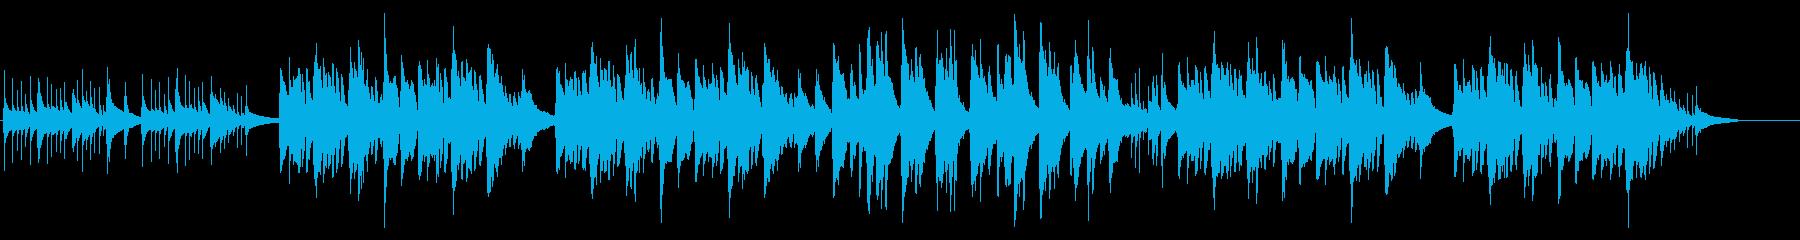 鉄琴メインの暗くて切ない系BGMの再生済みの波形